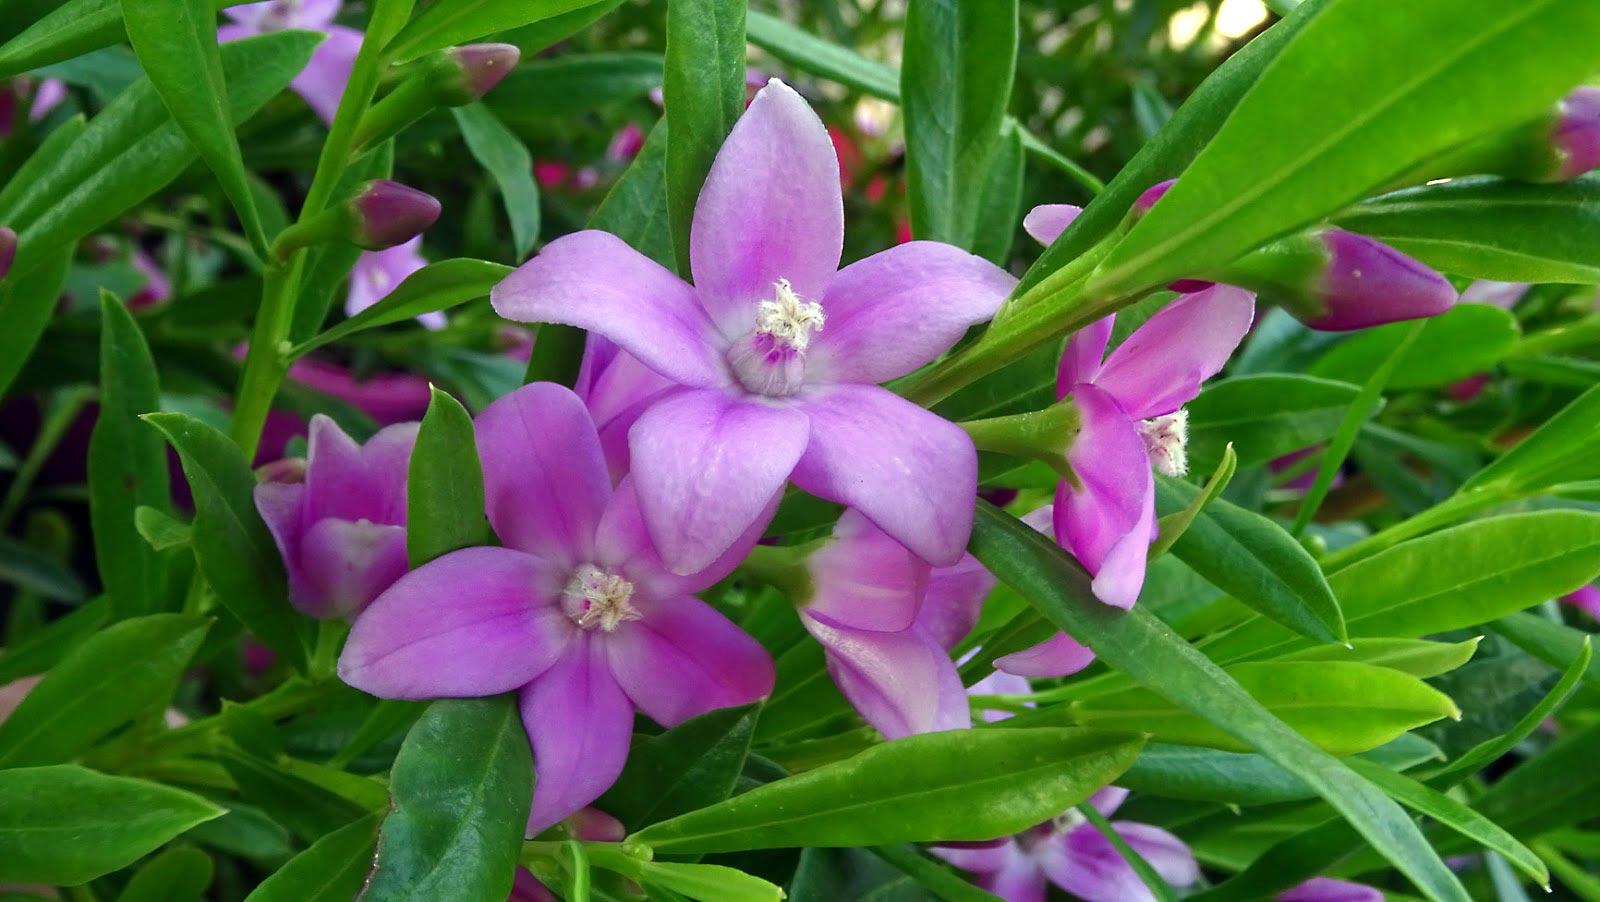 Come funziona la floriterapia?  I fiori australiani